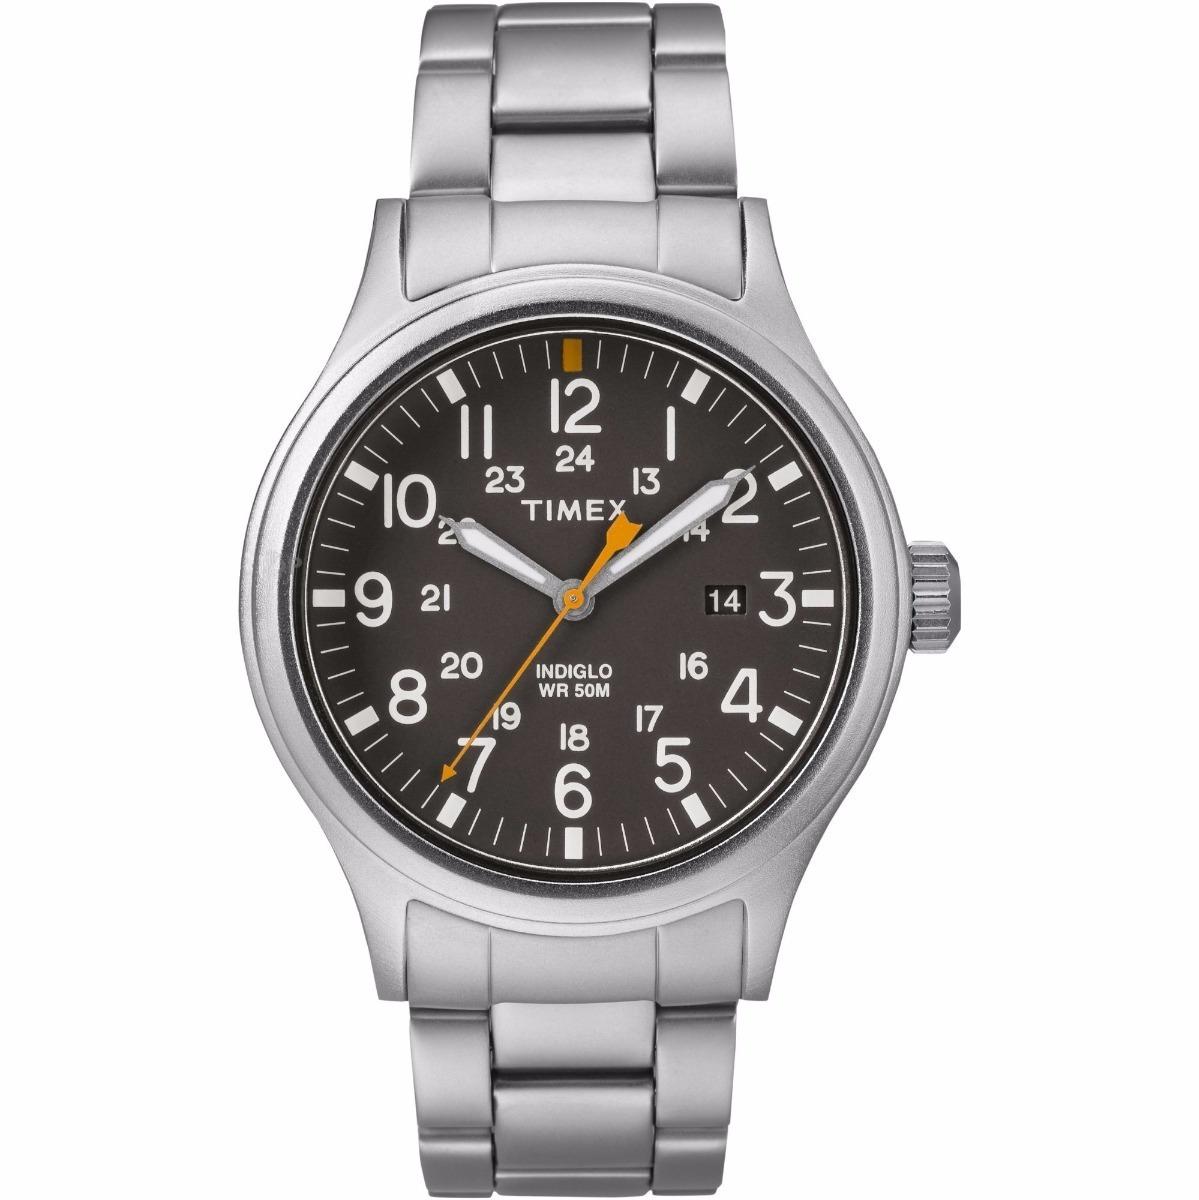 3abd628e1226 reloj timex tw2r46600 100% original para caballero. Cargando zoom.